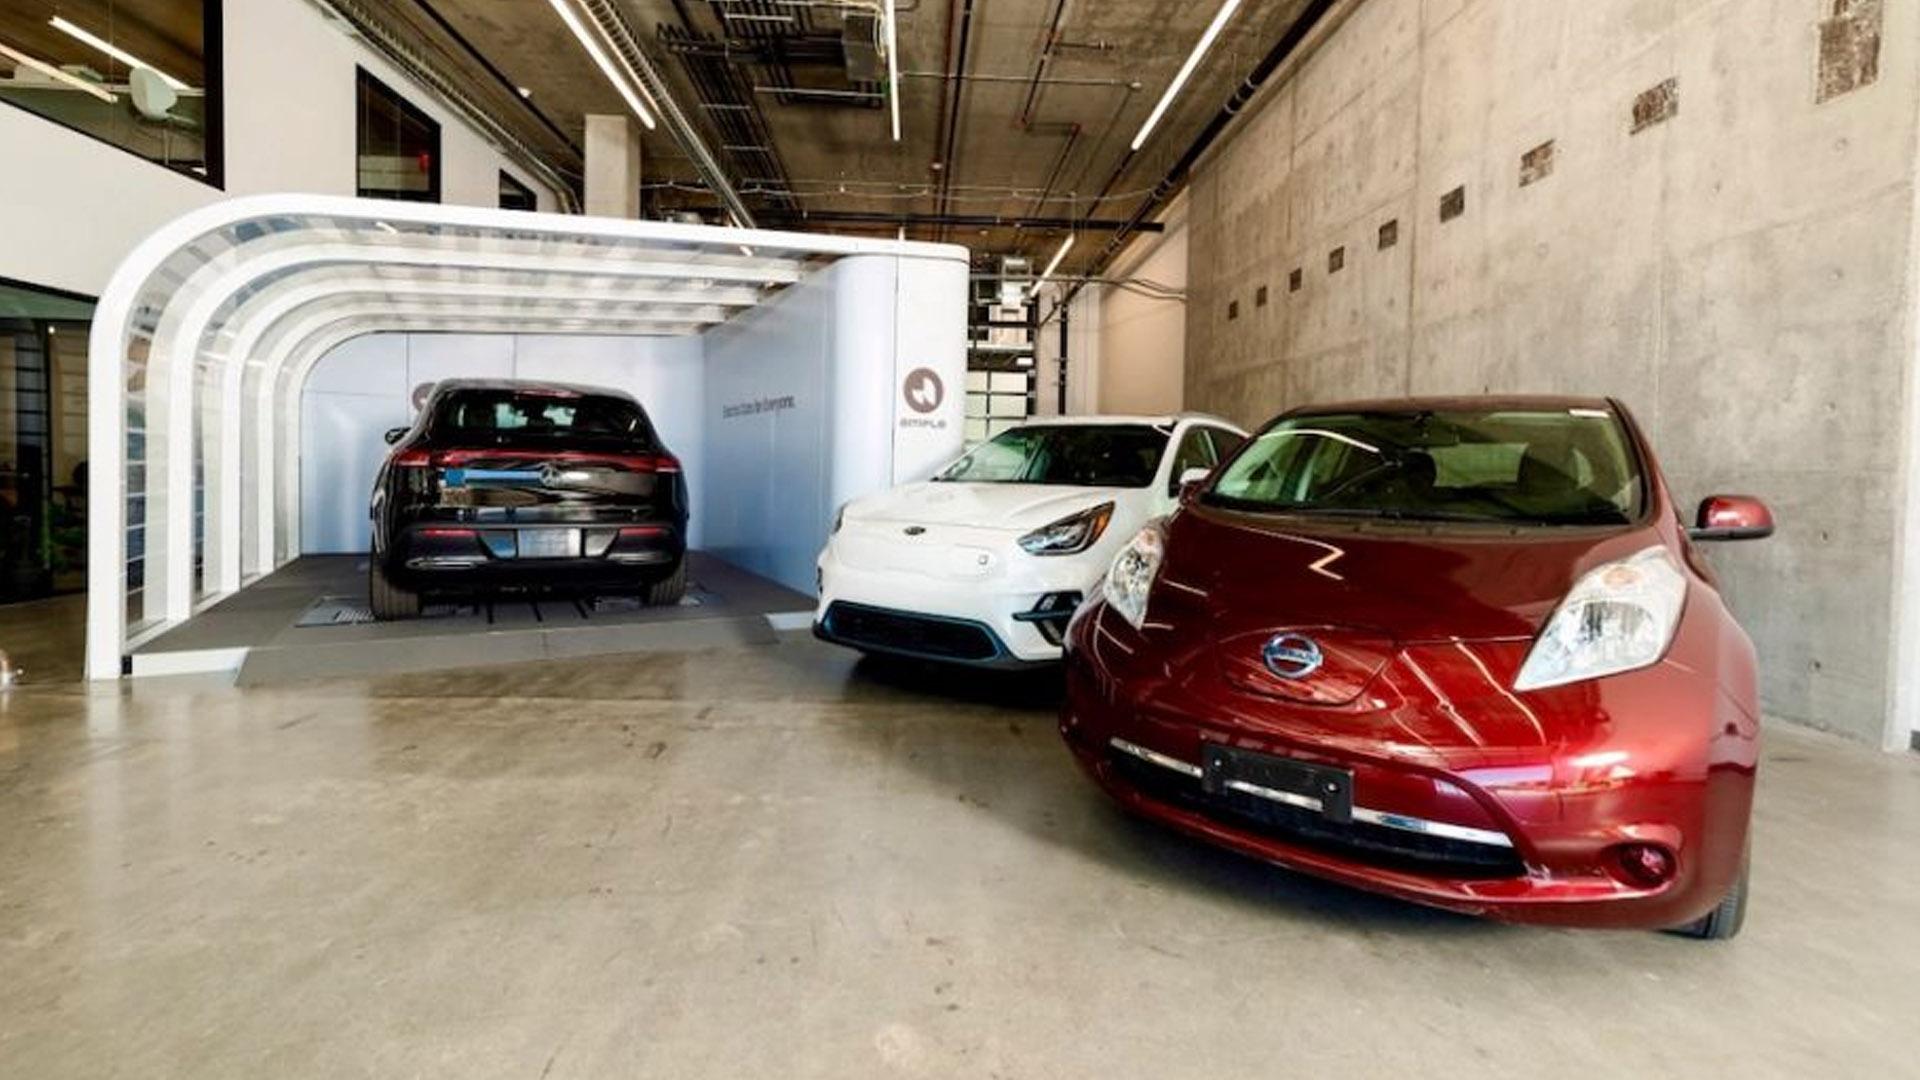 Стартап по замене аккумуляторных батарей для электрических такси в крупных городах